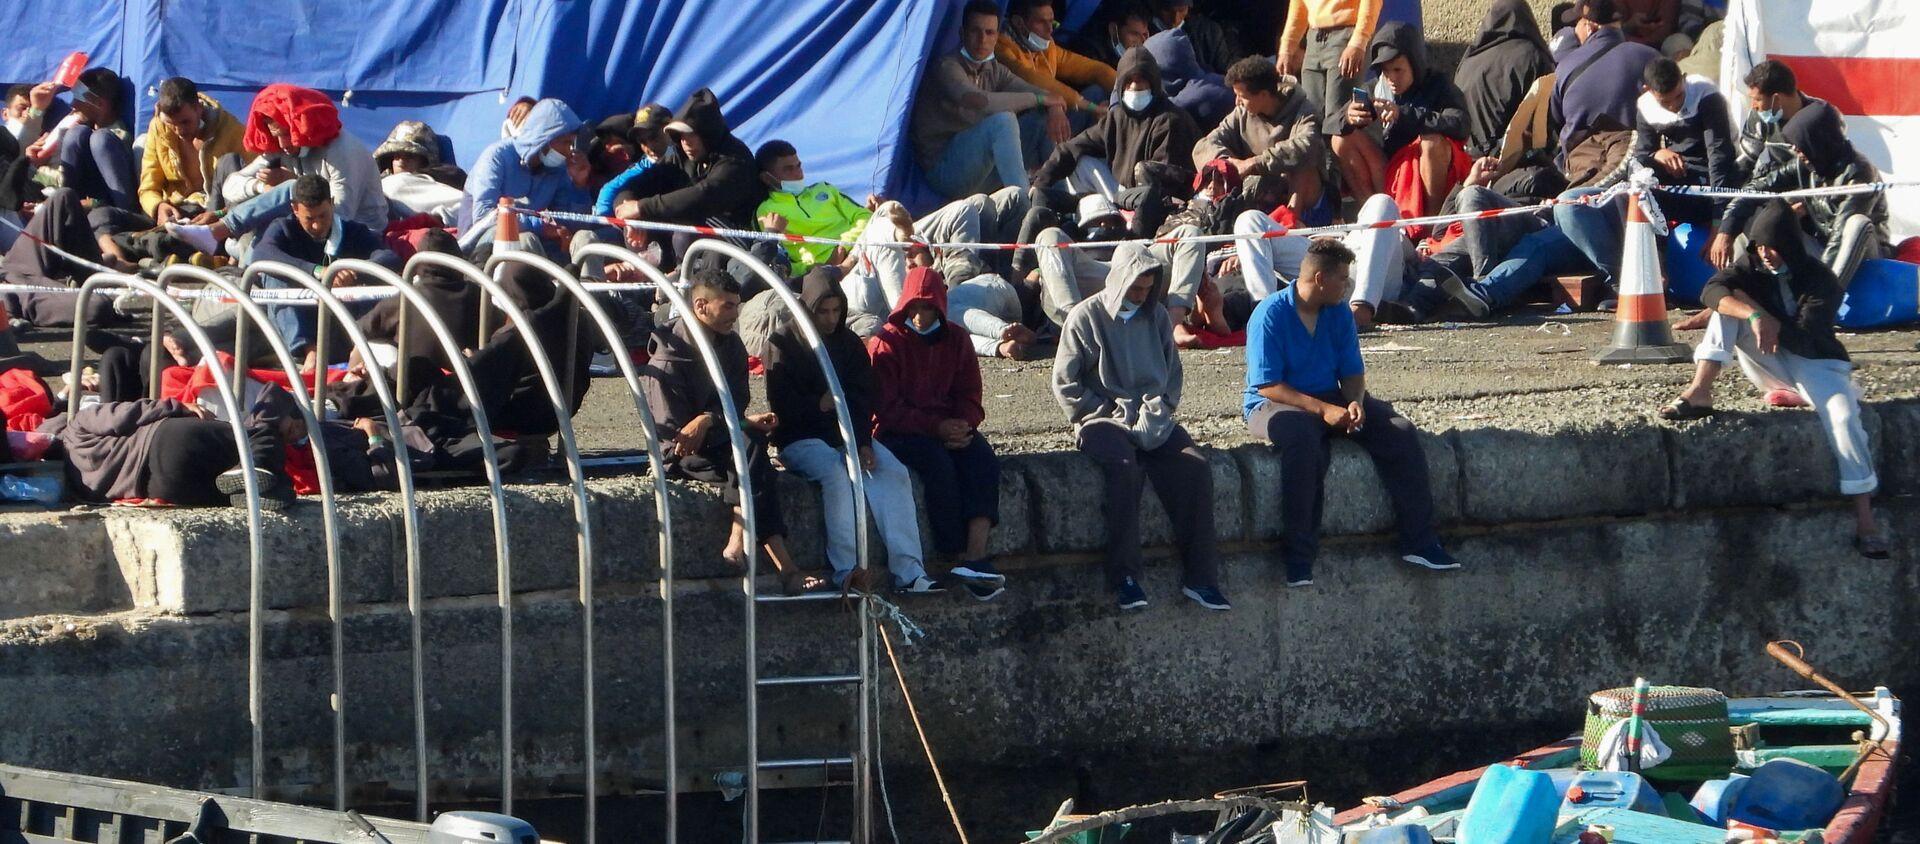 Migrantes en el puerto de Arguineguín, en la isla española de Gran Canaria. - Sputnik Mundo, 1920, 27.11.2020